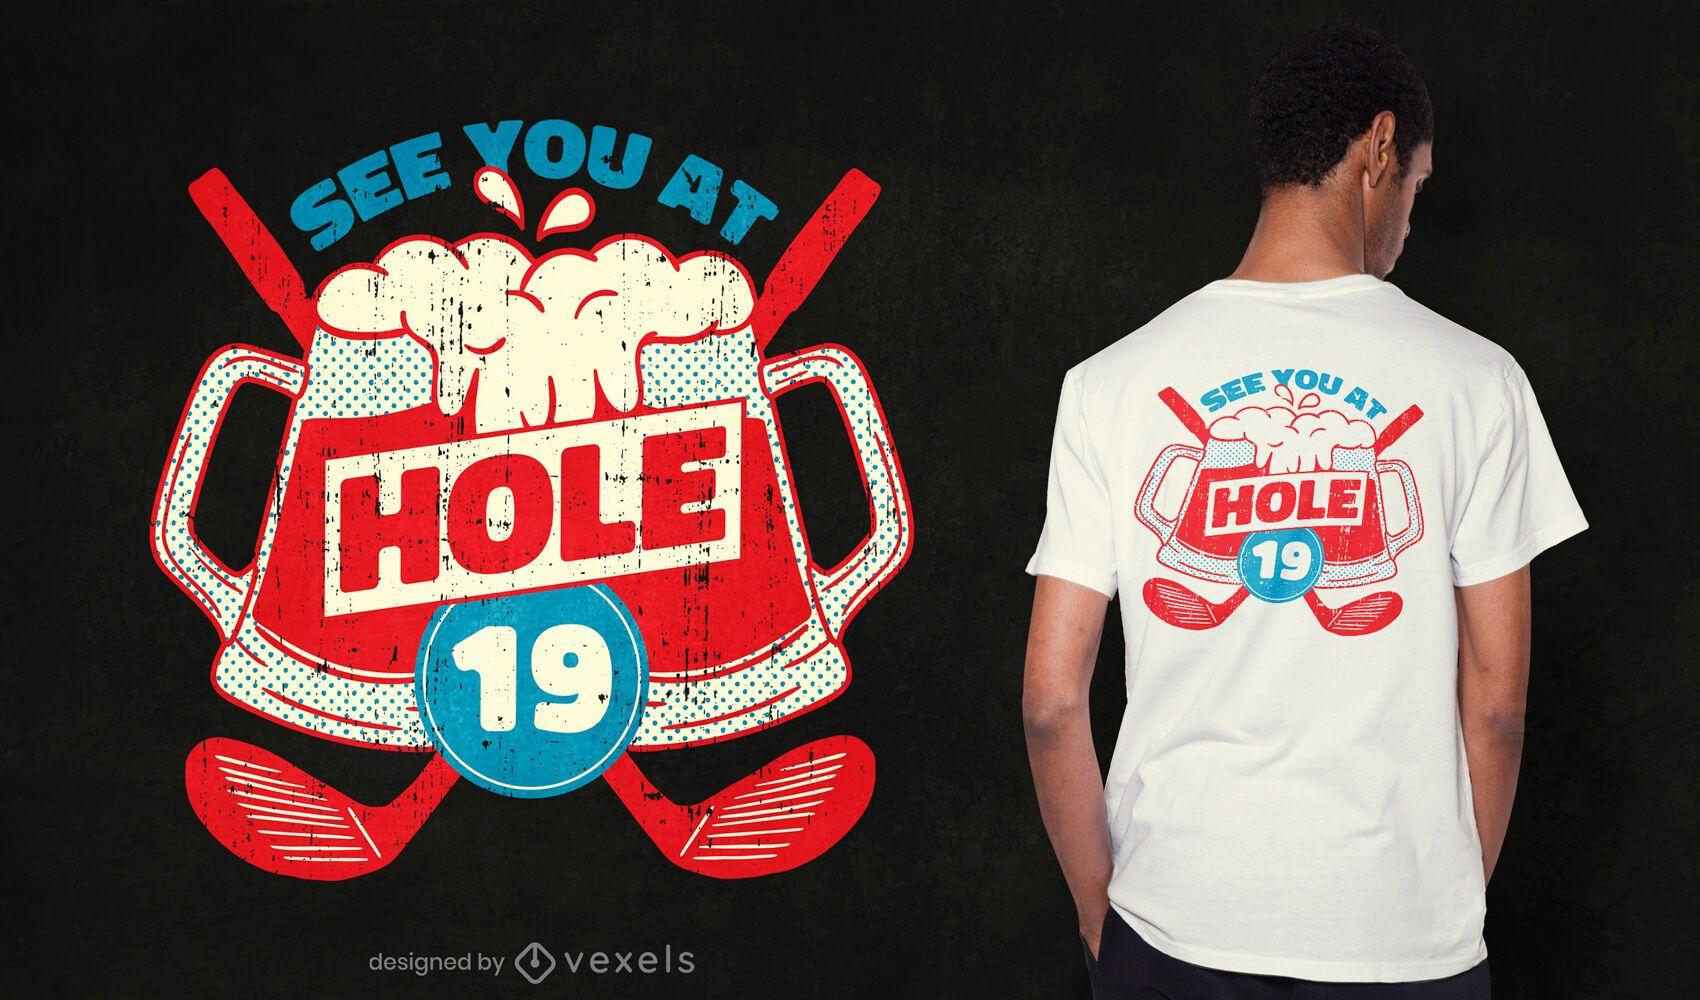 Hole 19 golf t-shirt design